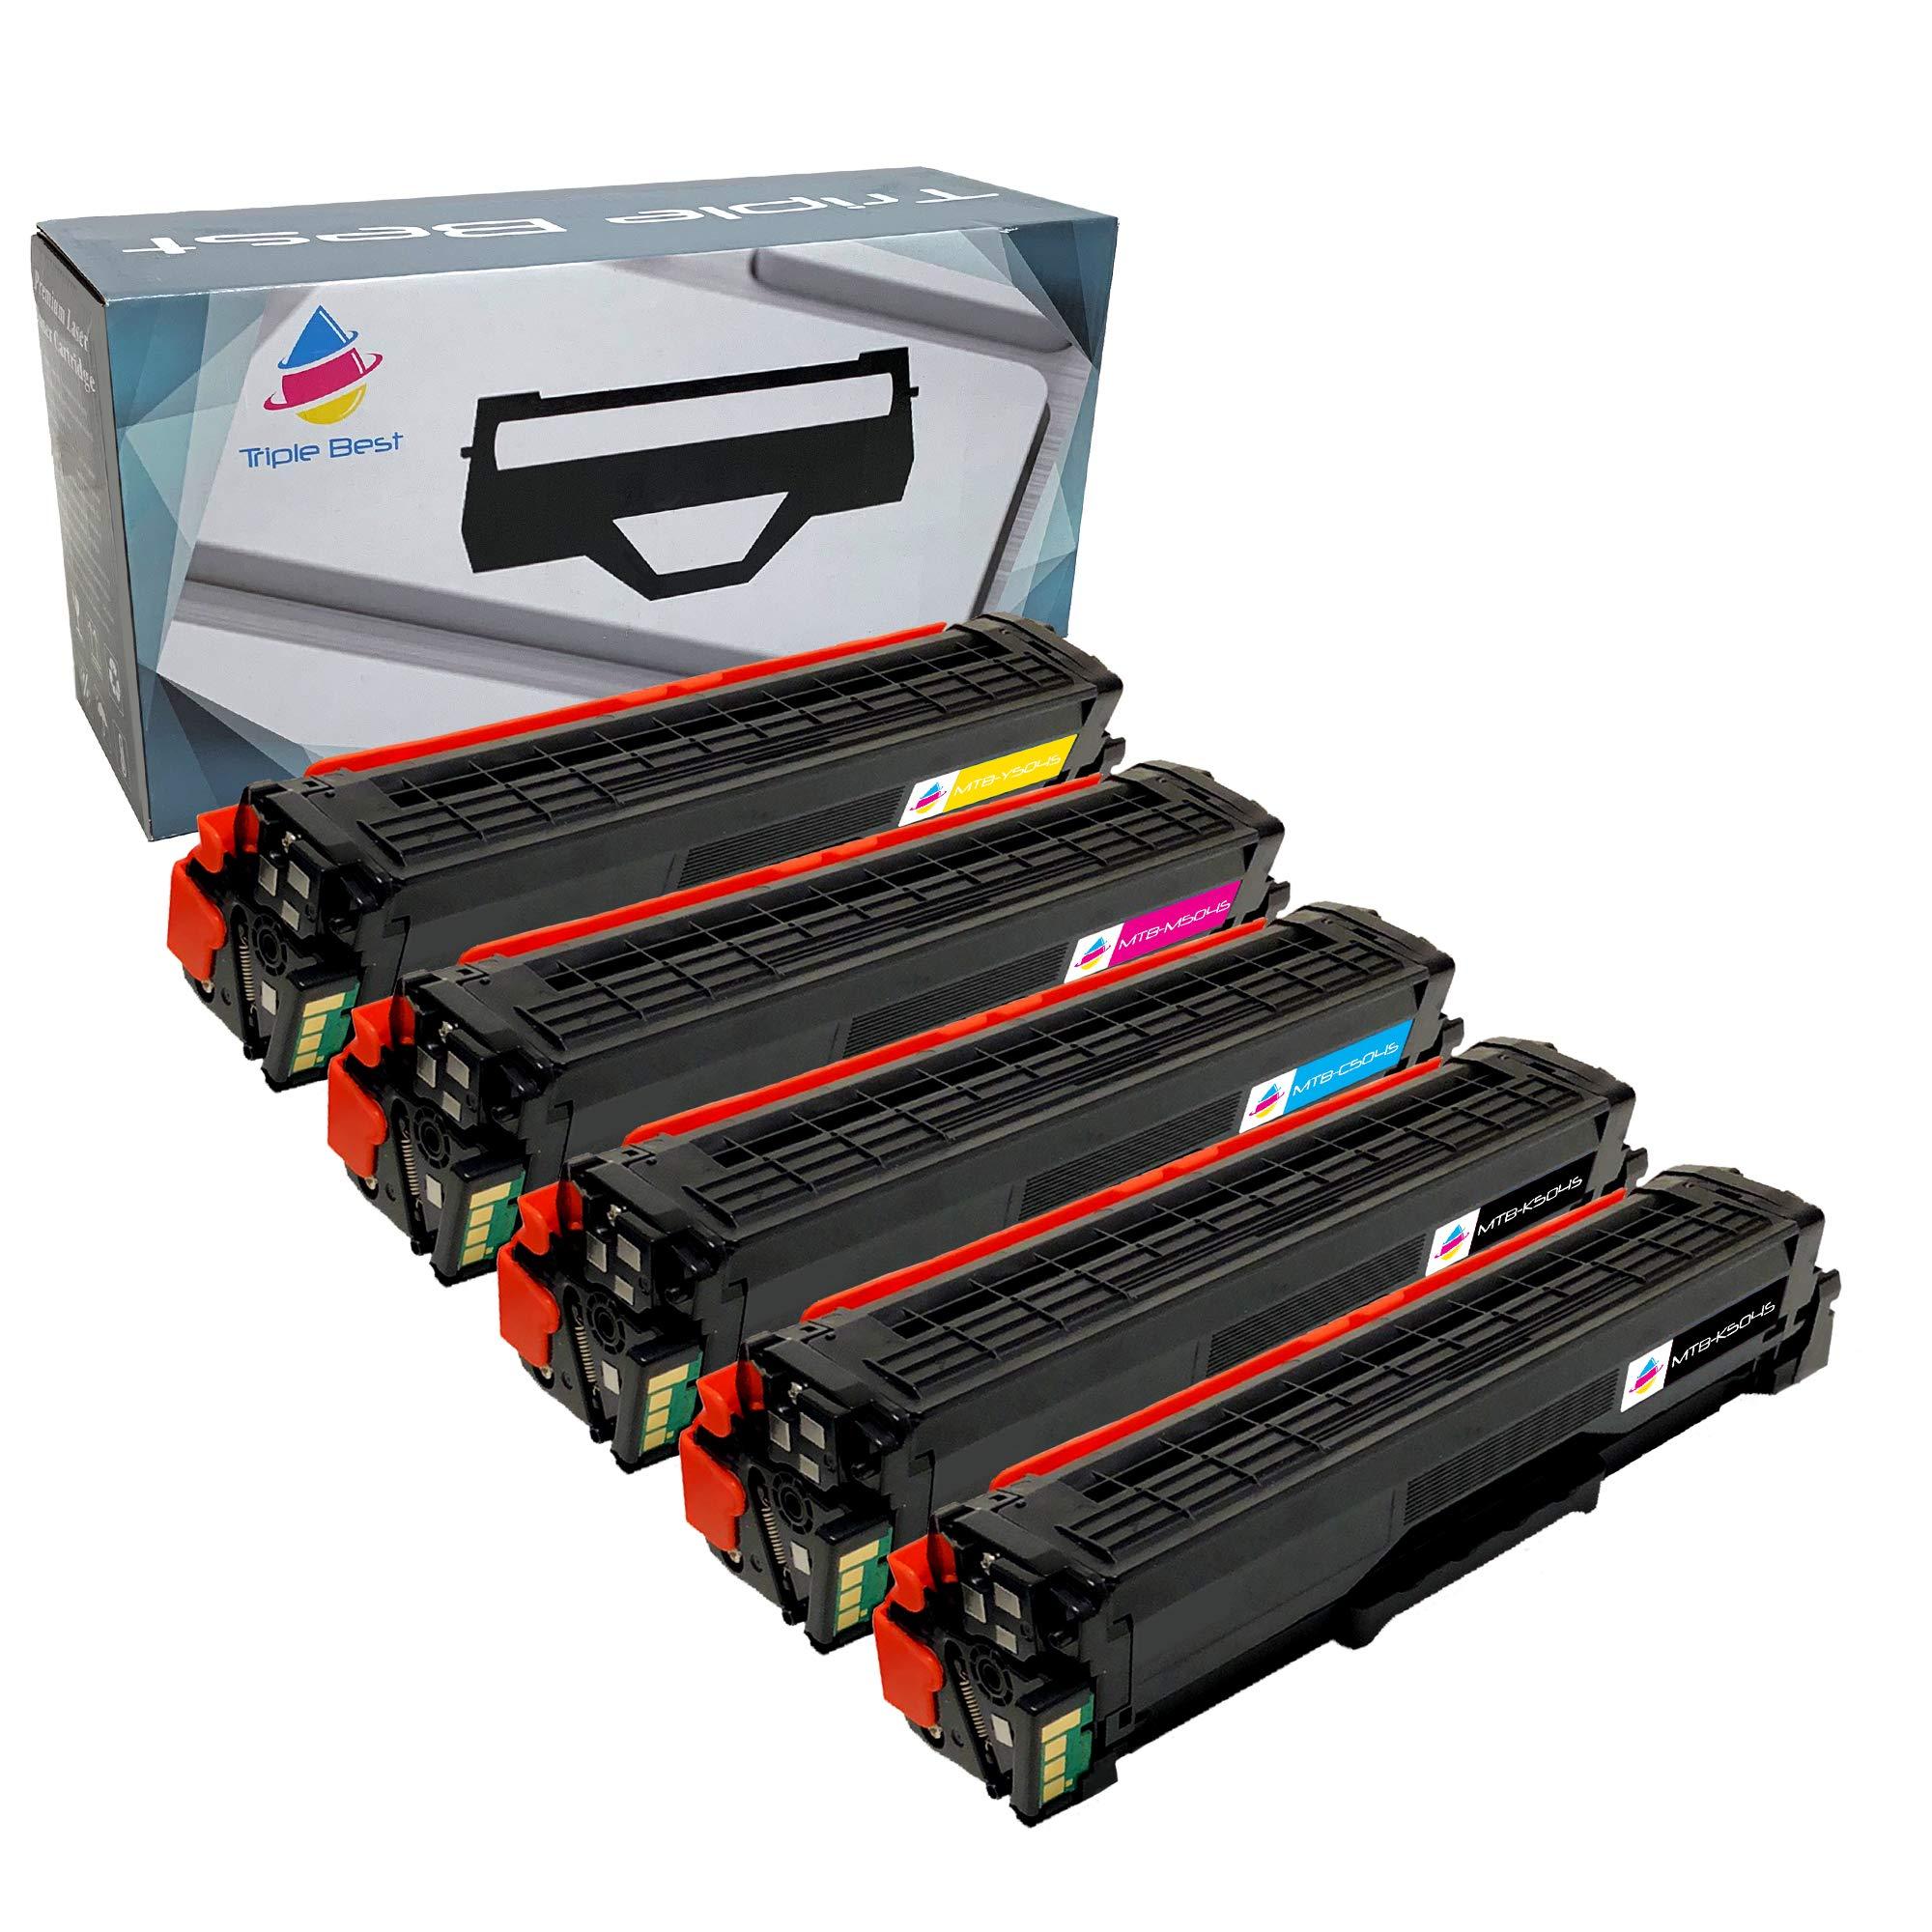 Toner Alternativo ( X5 ) 4 Colores Clt-k504s Clt-c504s Clt-m504s Clt-y504s Xpress C1810w Xpress C1860fw